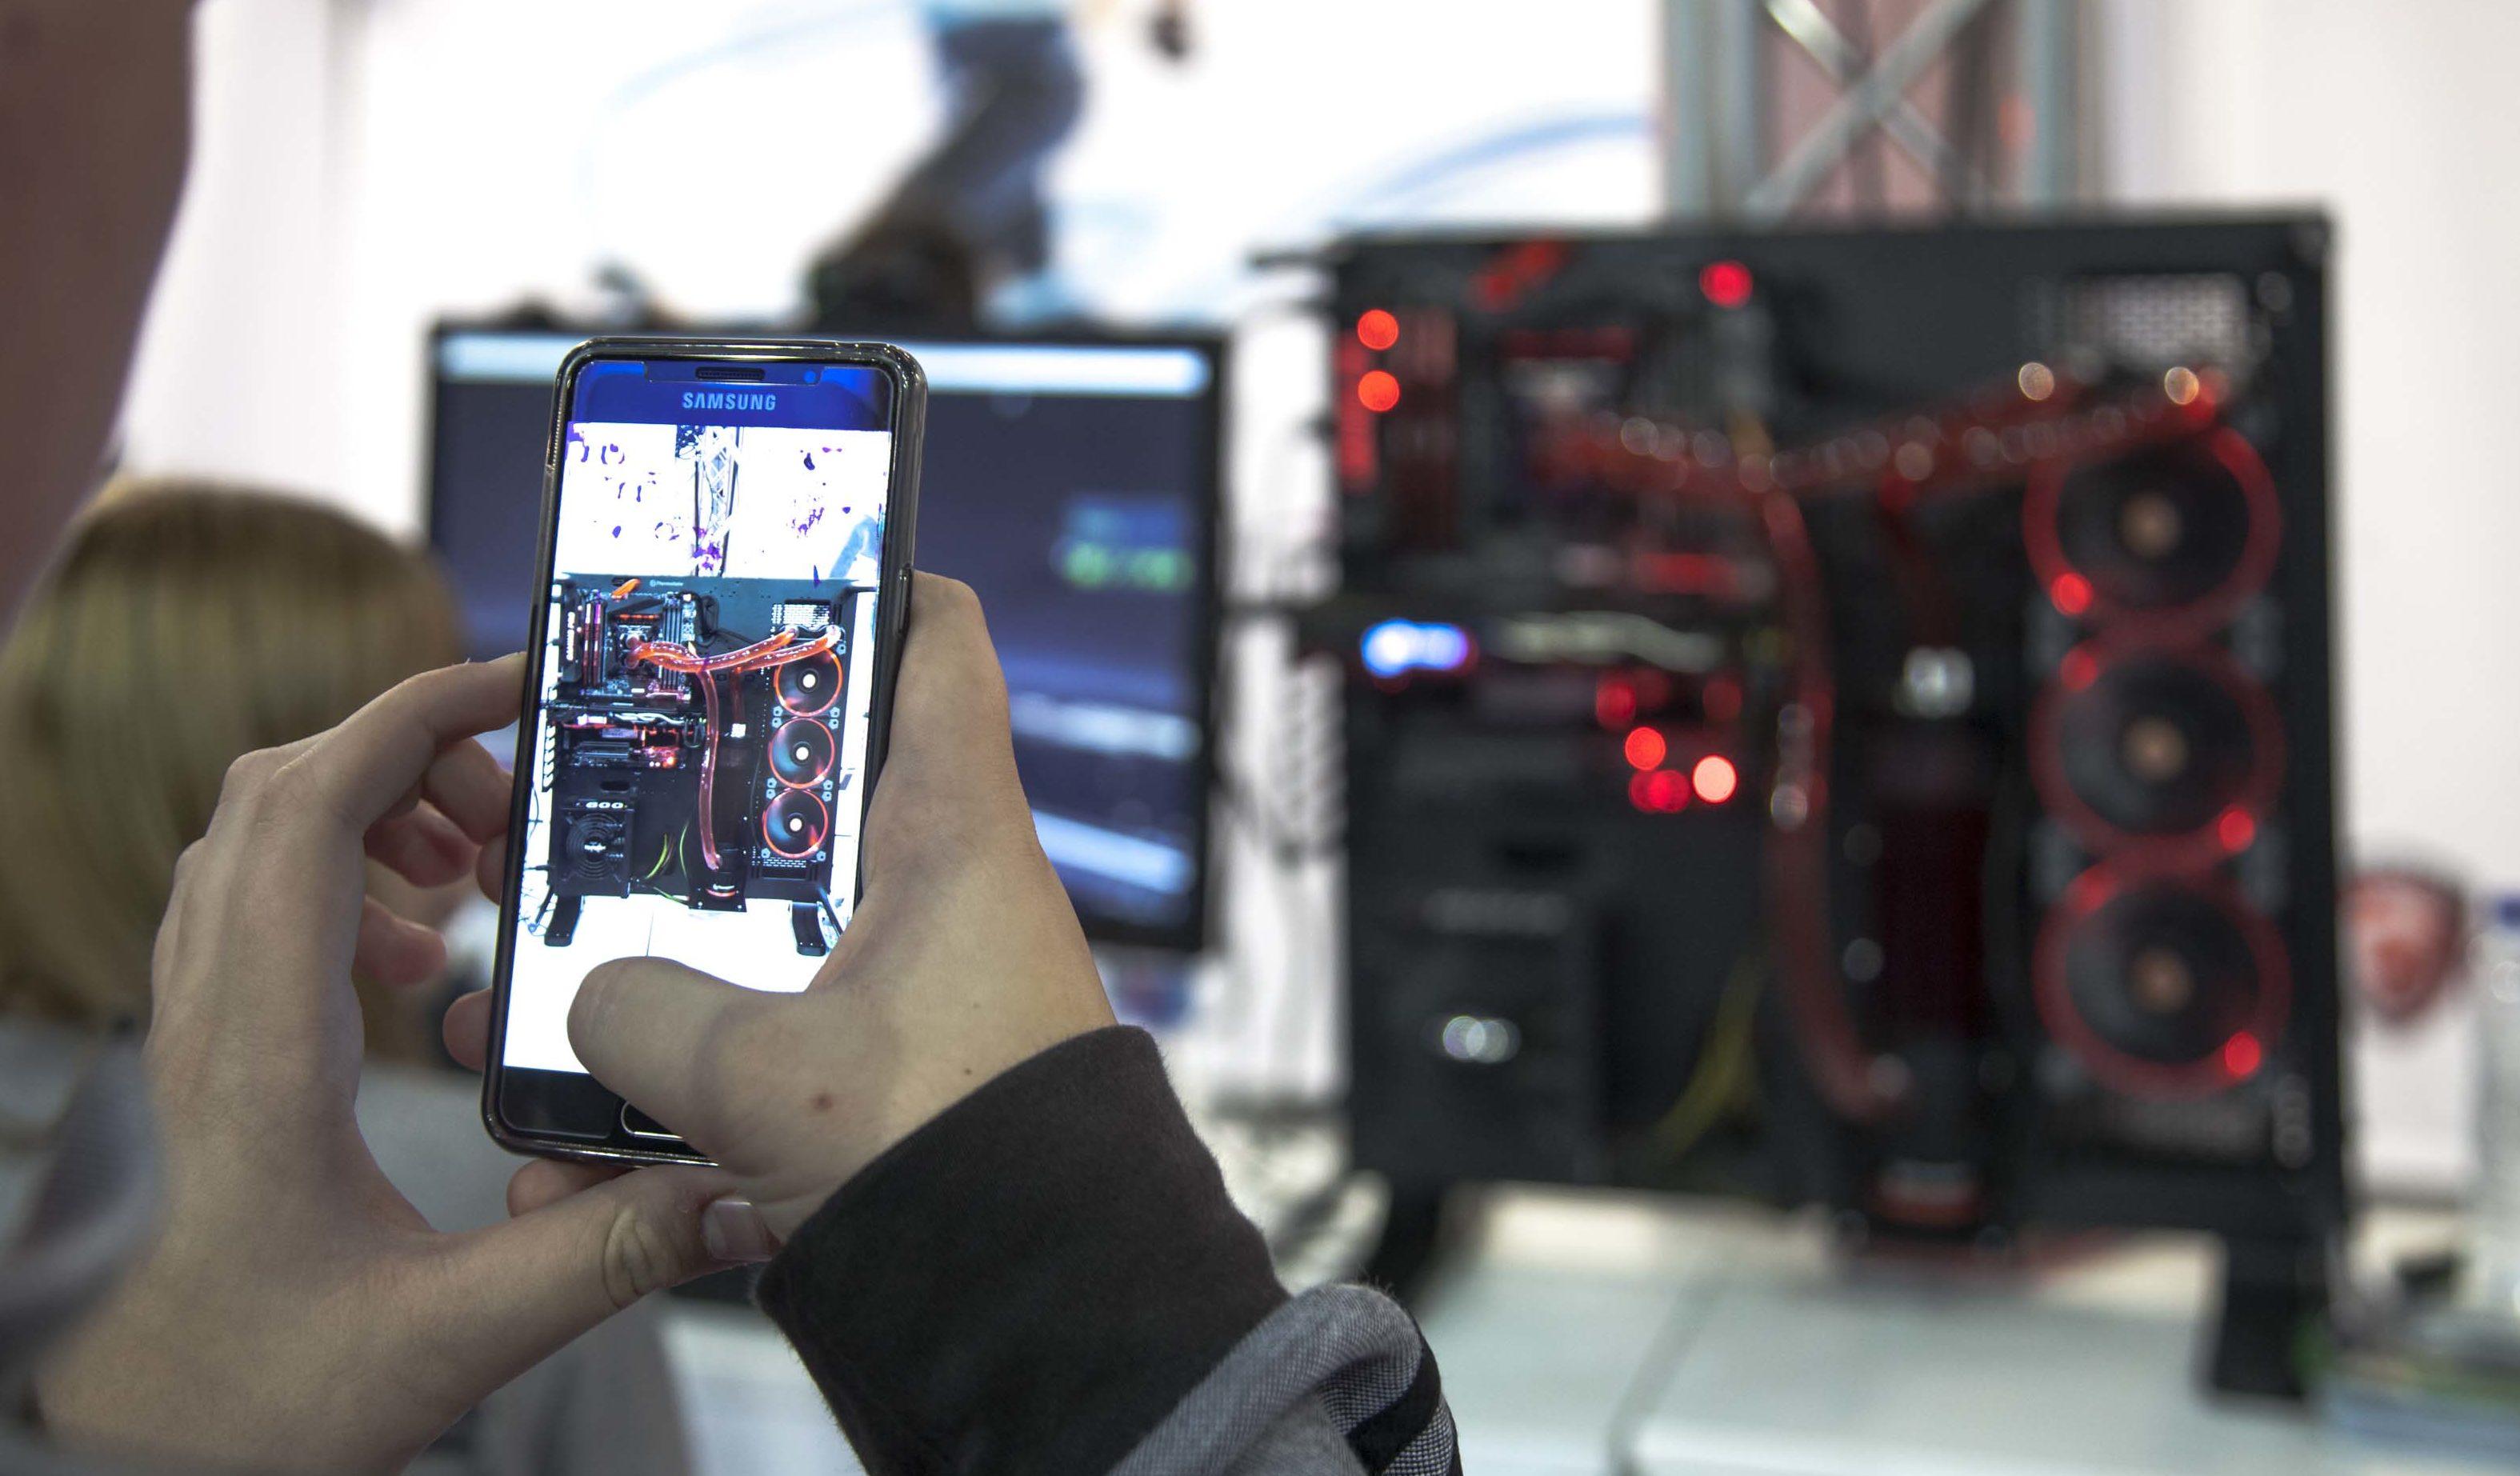 El PC no ha muerto. Tan solo se ha reubicado dentro de un panorama tecnológico en el que los portátiles son capaces de igualar en rendimiento a los PC de gamas medias y bajas de antaño. Pero si queremos el máximo rendimiento posible para mover, digamos, una aplicación de realidad virtual, el PC de sobremesa sigue siendo la opción lógica. Además, la estética ha evolucionado mucho, con diseños sumamente atractivos.